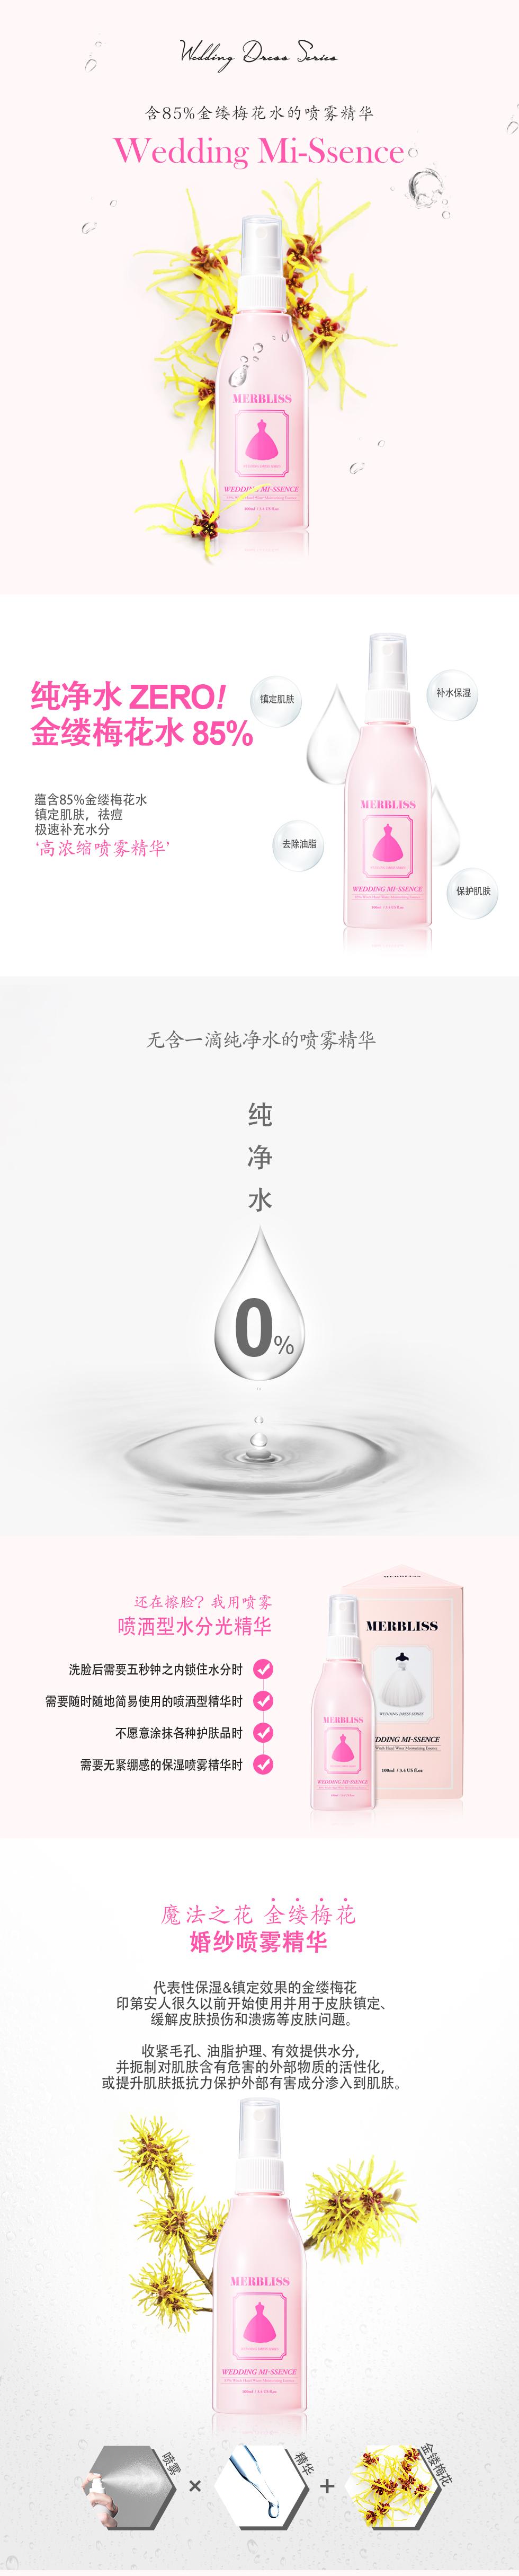 婚纱水晶精华喷雾详细页_01